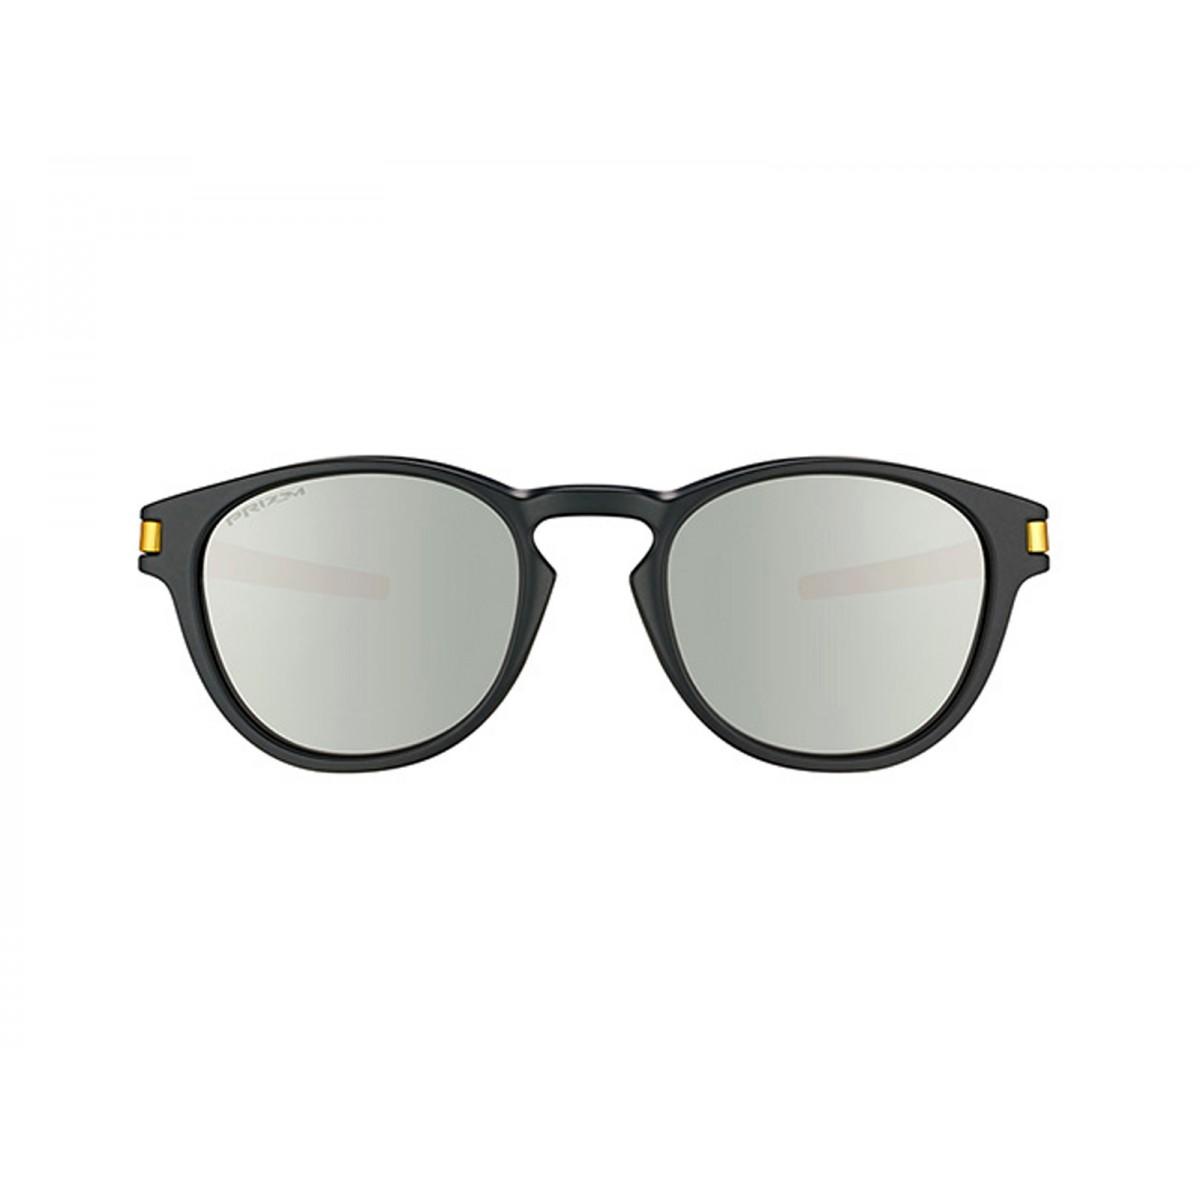 e9014cf0070 Oakley Latch Ruby Fade Men Sunglasses OK-9265-926526-53 - Sunglasses ...